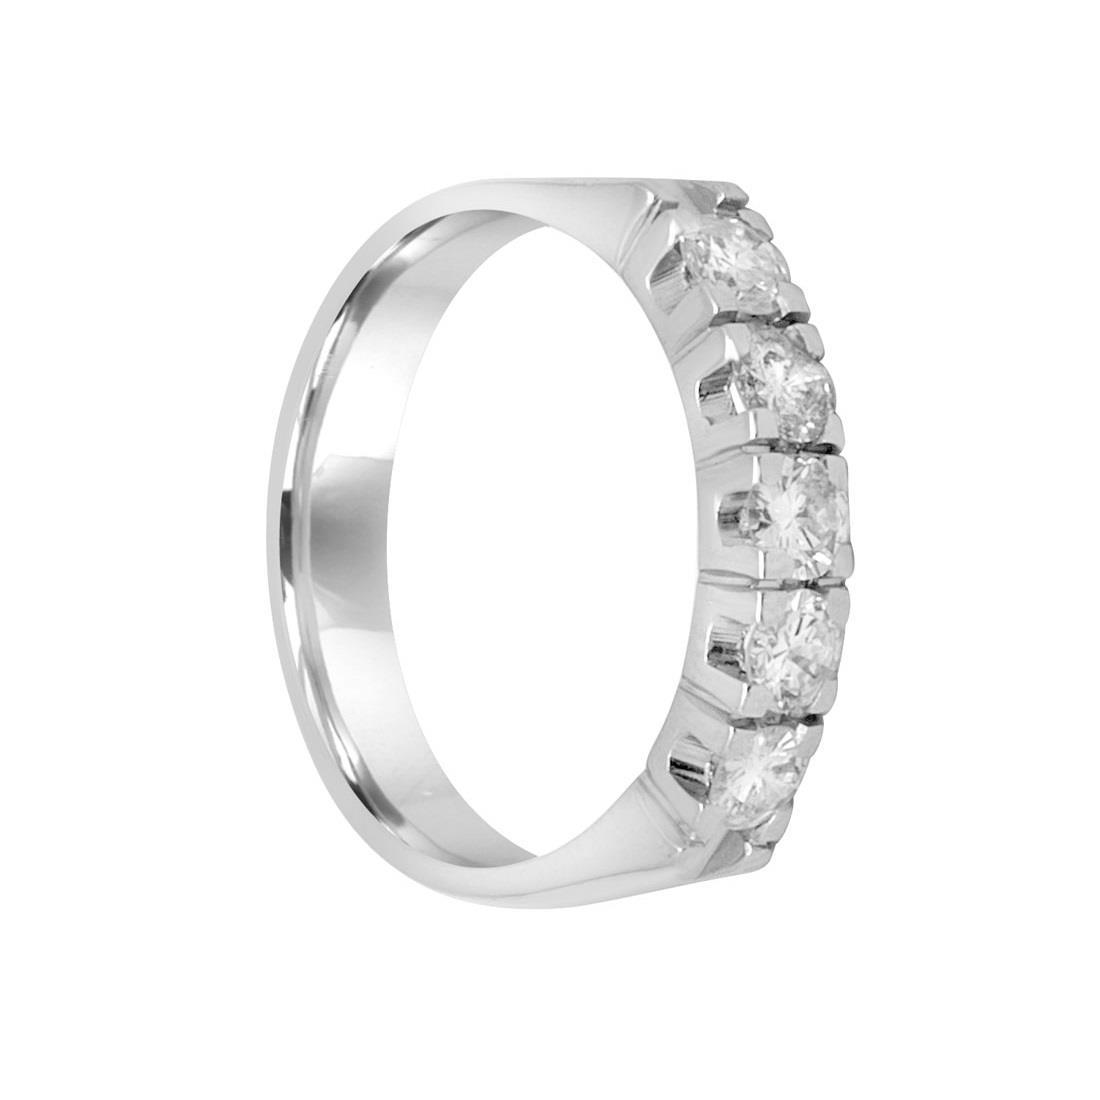 Veretta 5 pietre in oro bianco con diamanti mis13.5 - ORO&CO